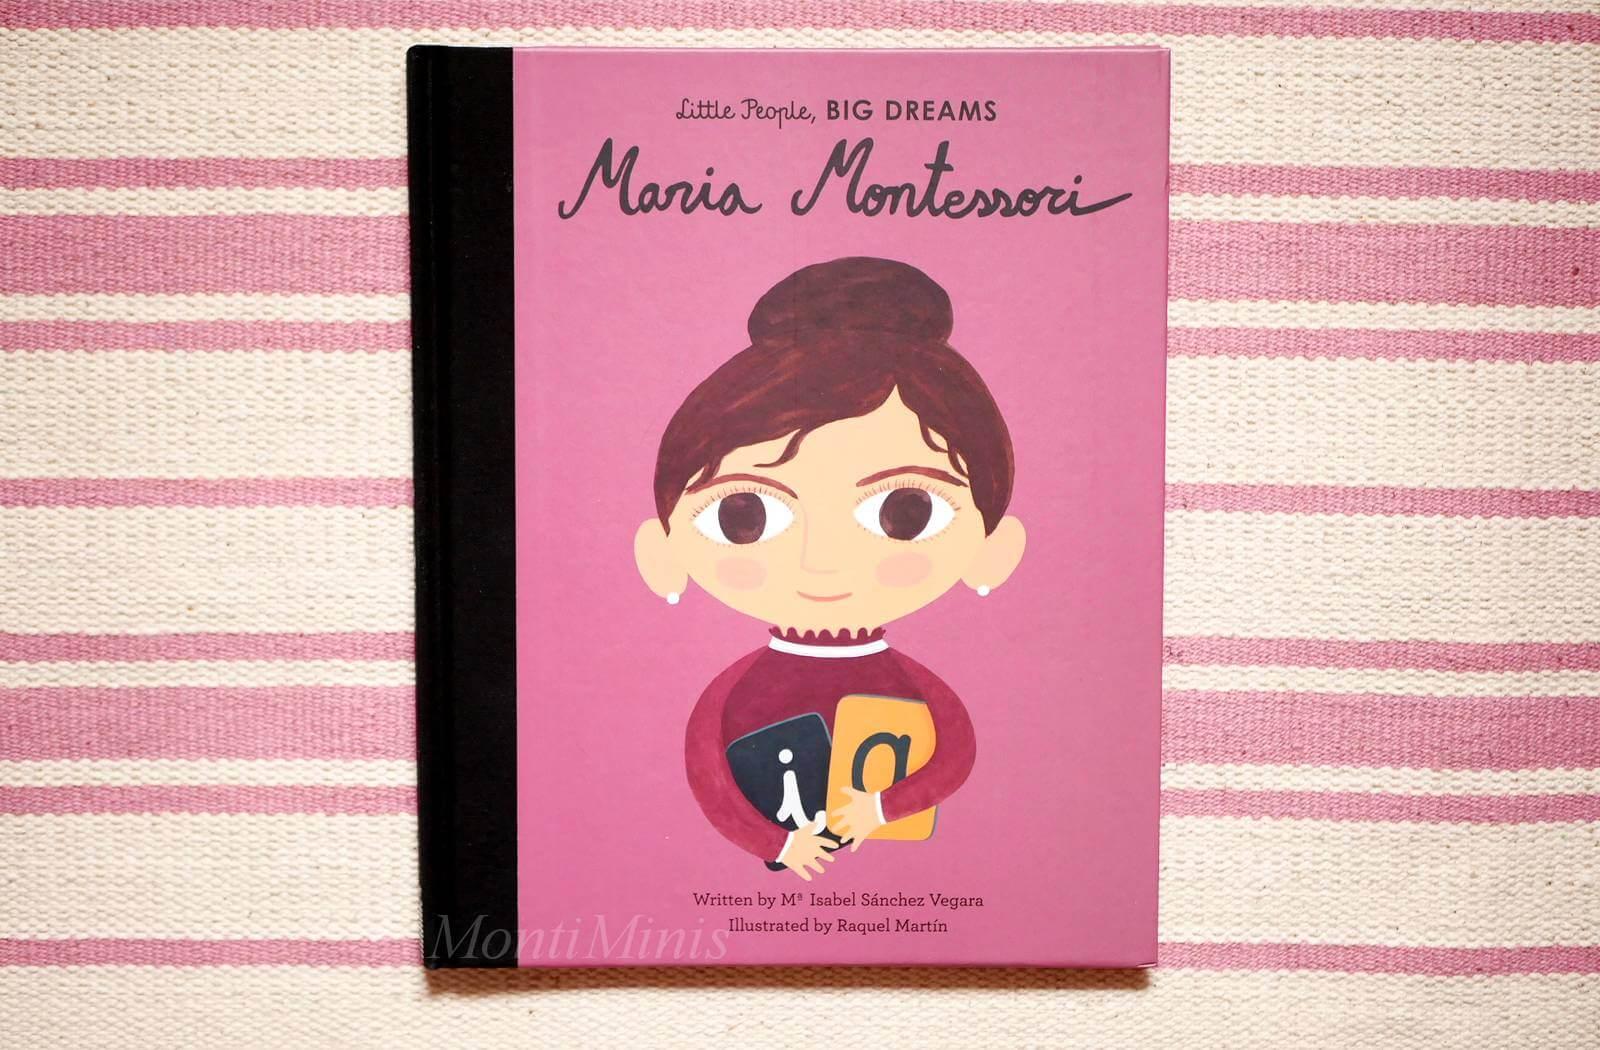 Neue Kinderbuchreihe und Buchtipp: Little People, Big Dreams: Maria Montessori